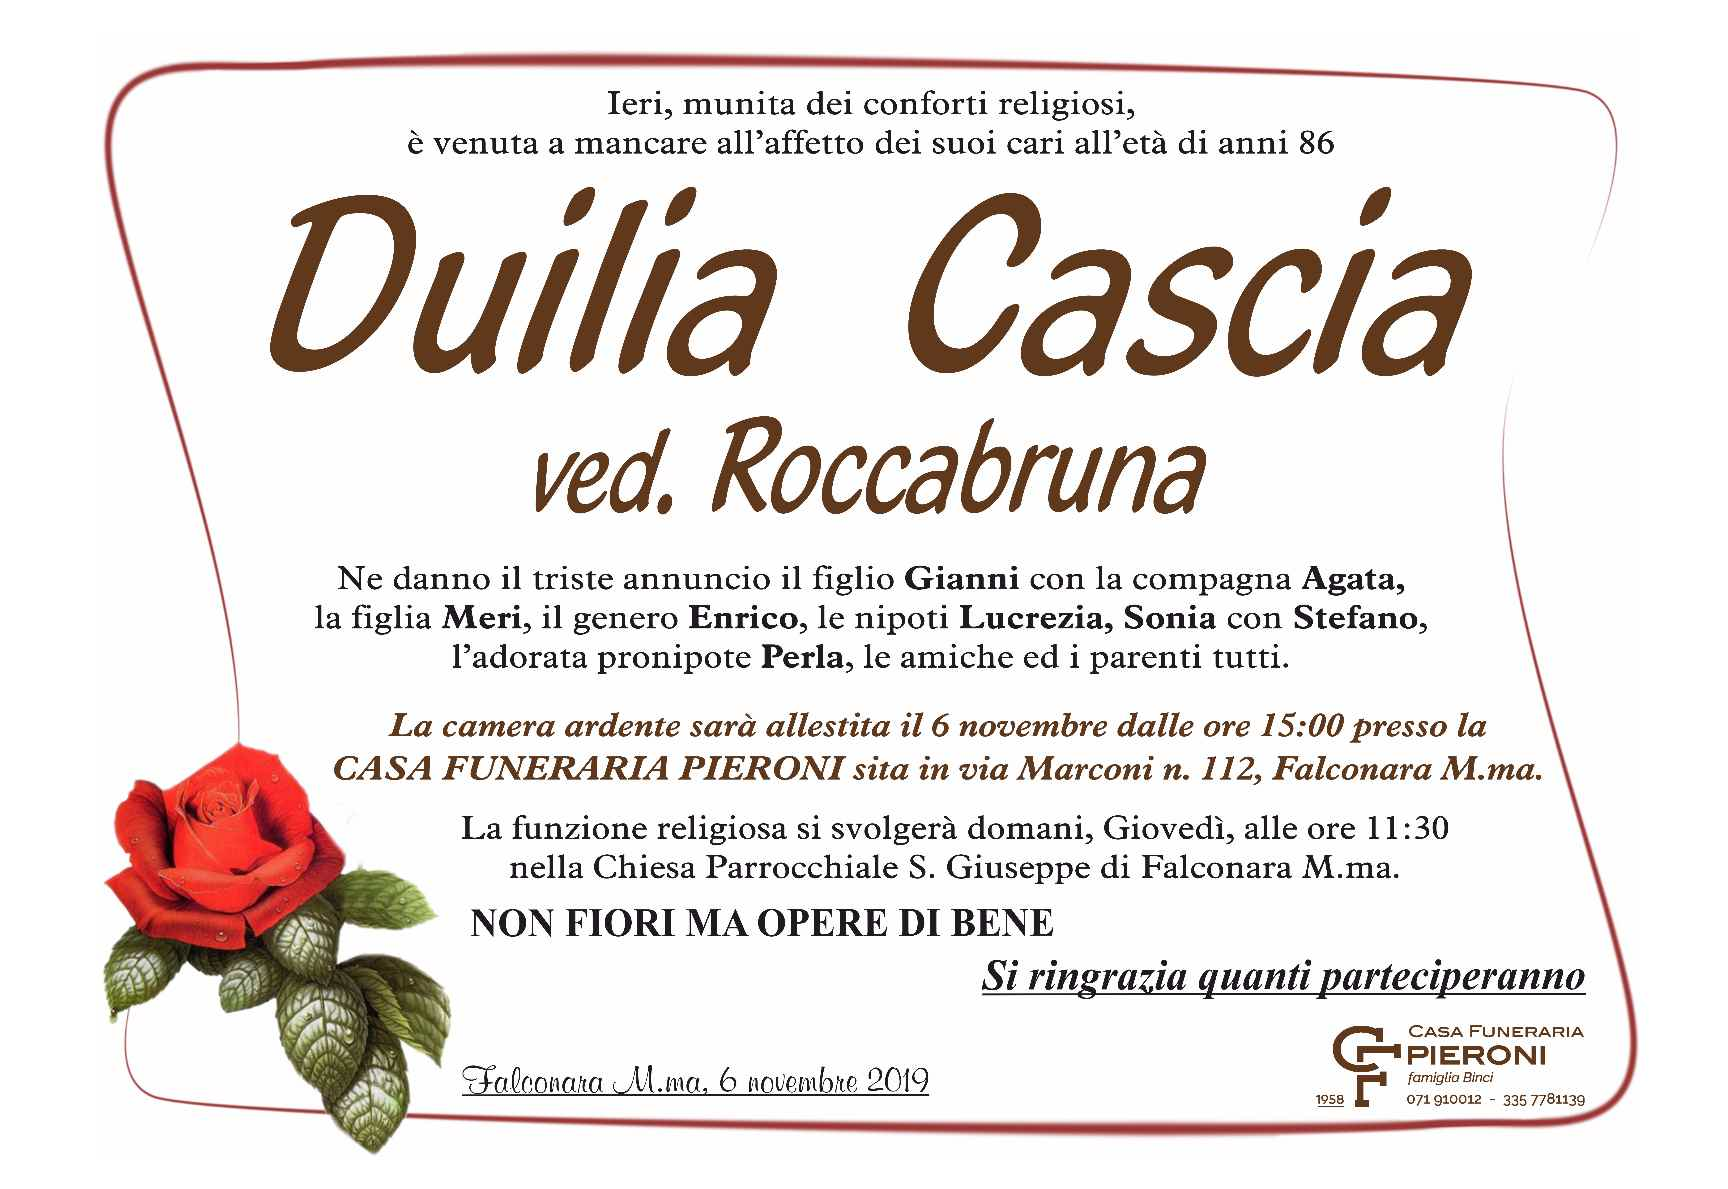 Duilia Cascia